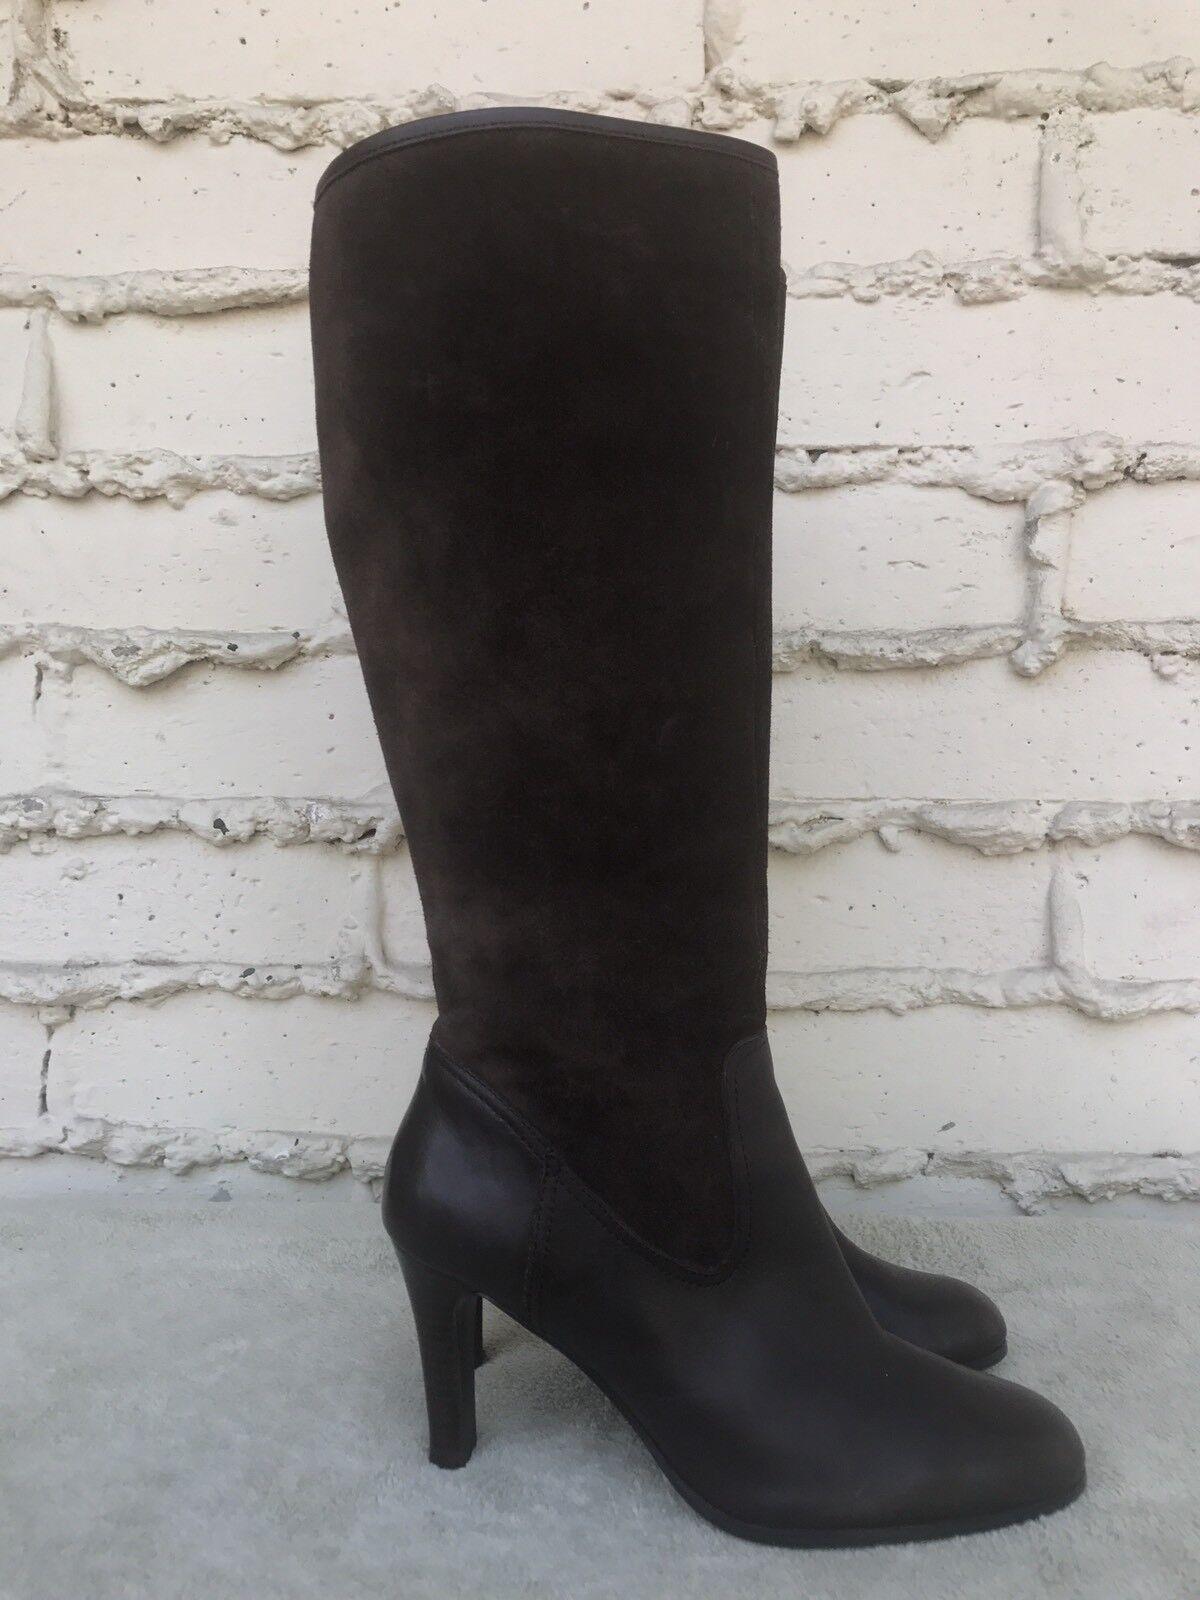 Lauren Ralph Lauren De Mujer De Moda De Gamuza Gamuza Gamuza marrón de cuero y la rodilla botas altas 10M EE. UU.  suministro de productos de calidad